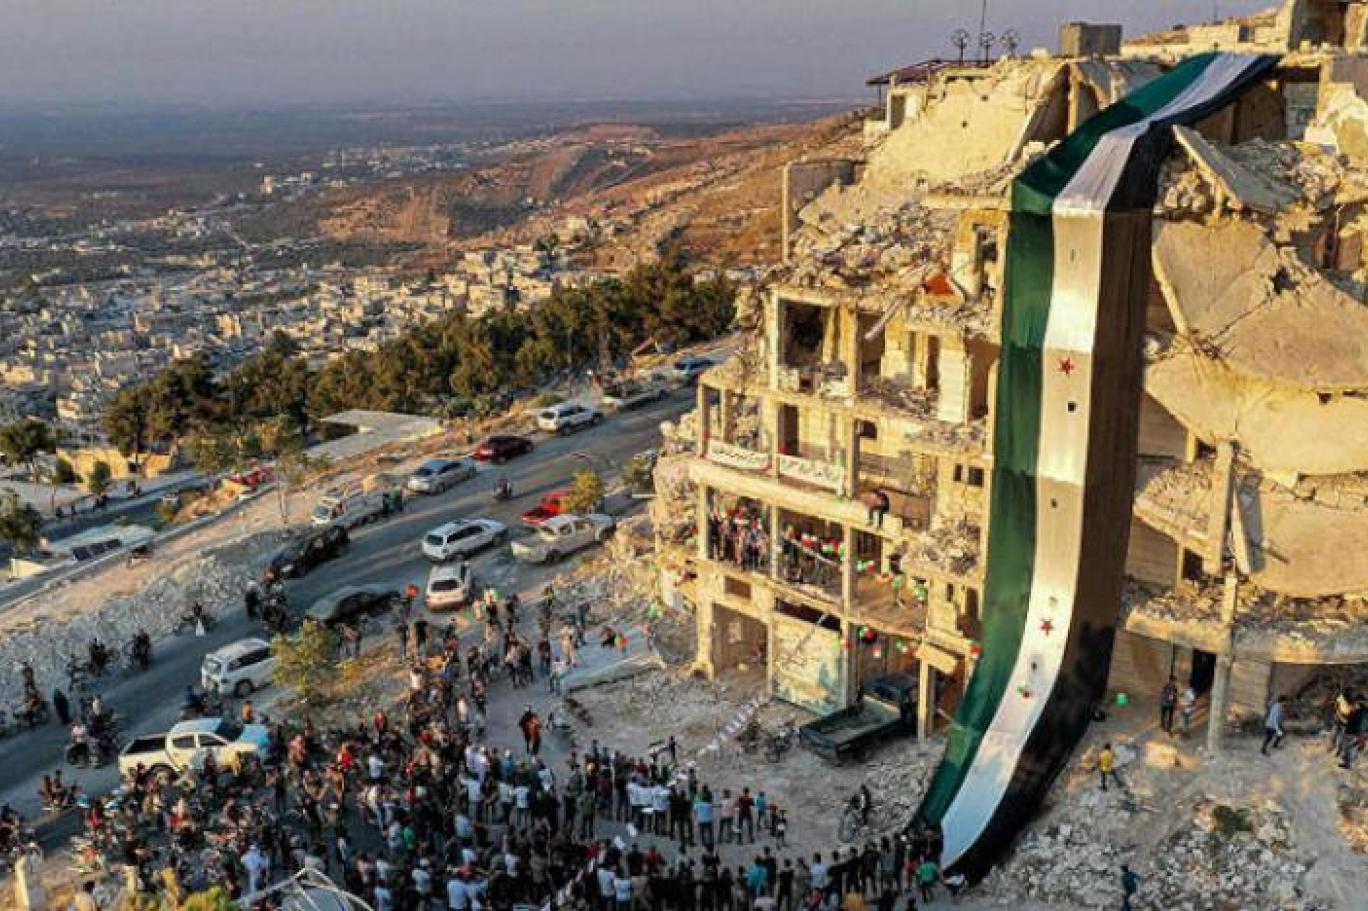 Suriye'nin yeni kabinesinde 12 bakan değişti | Independent Türkçe